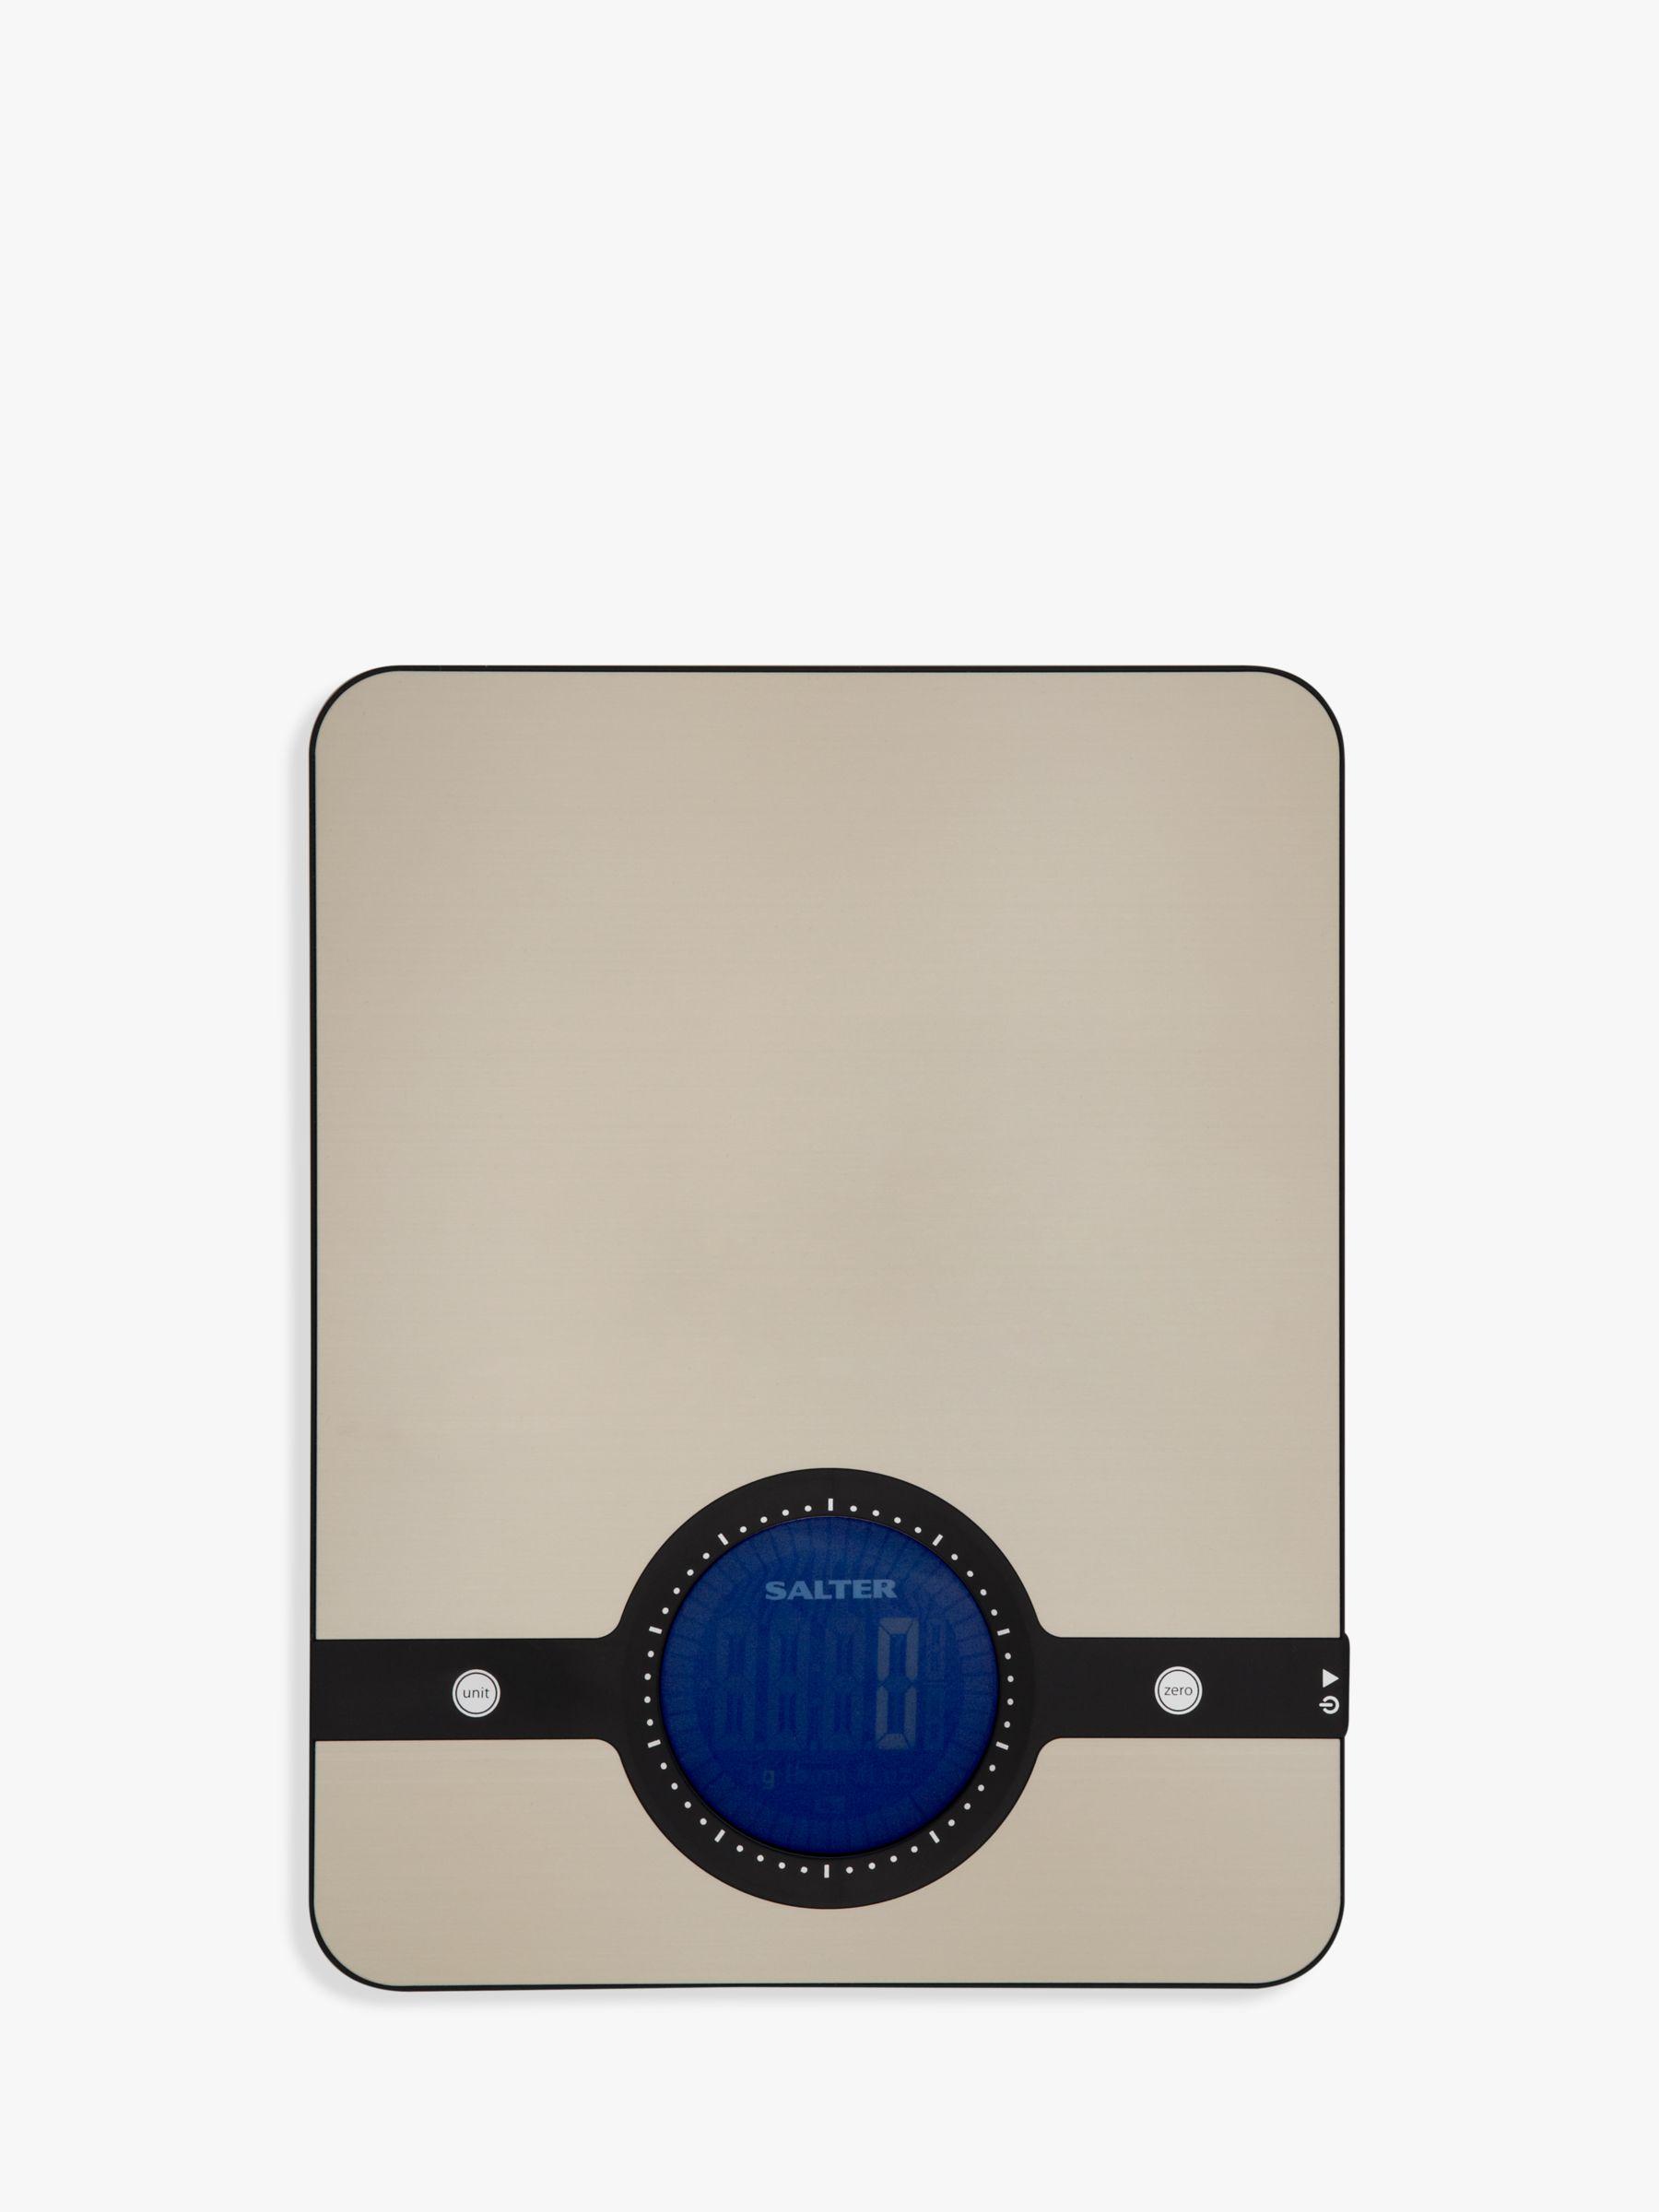 Salter Salter Geo Digital Kitchen Scale, 5kg